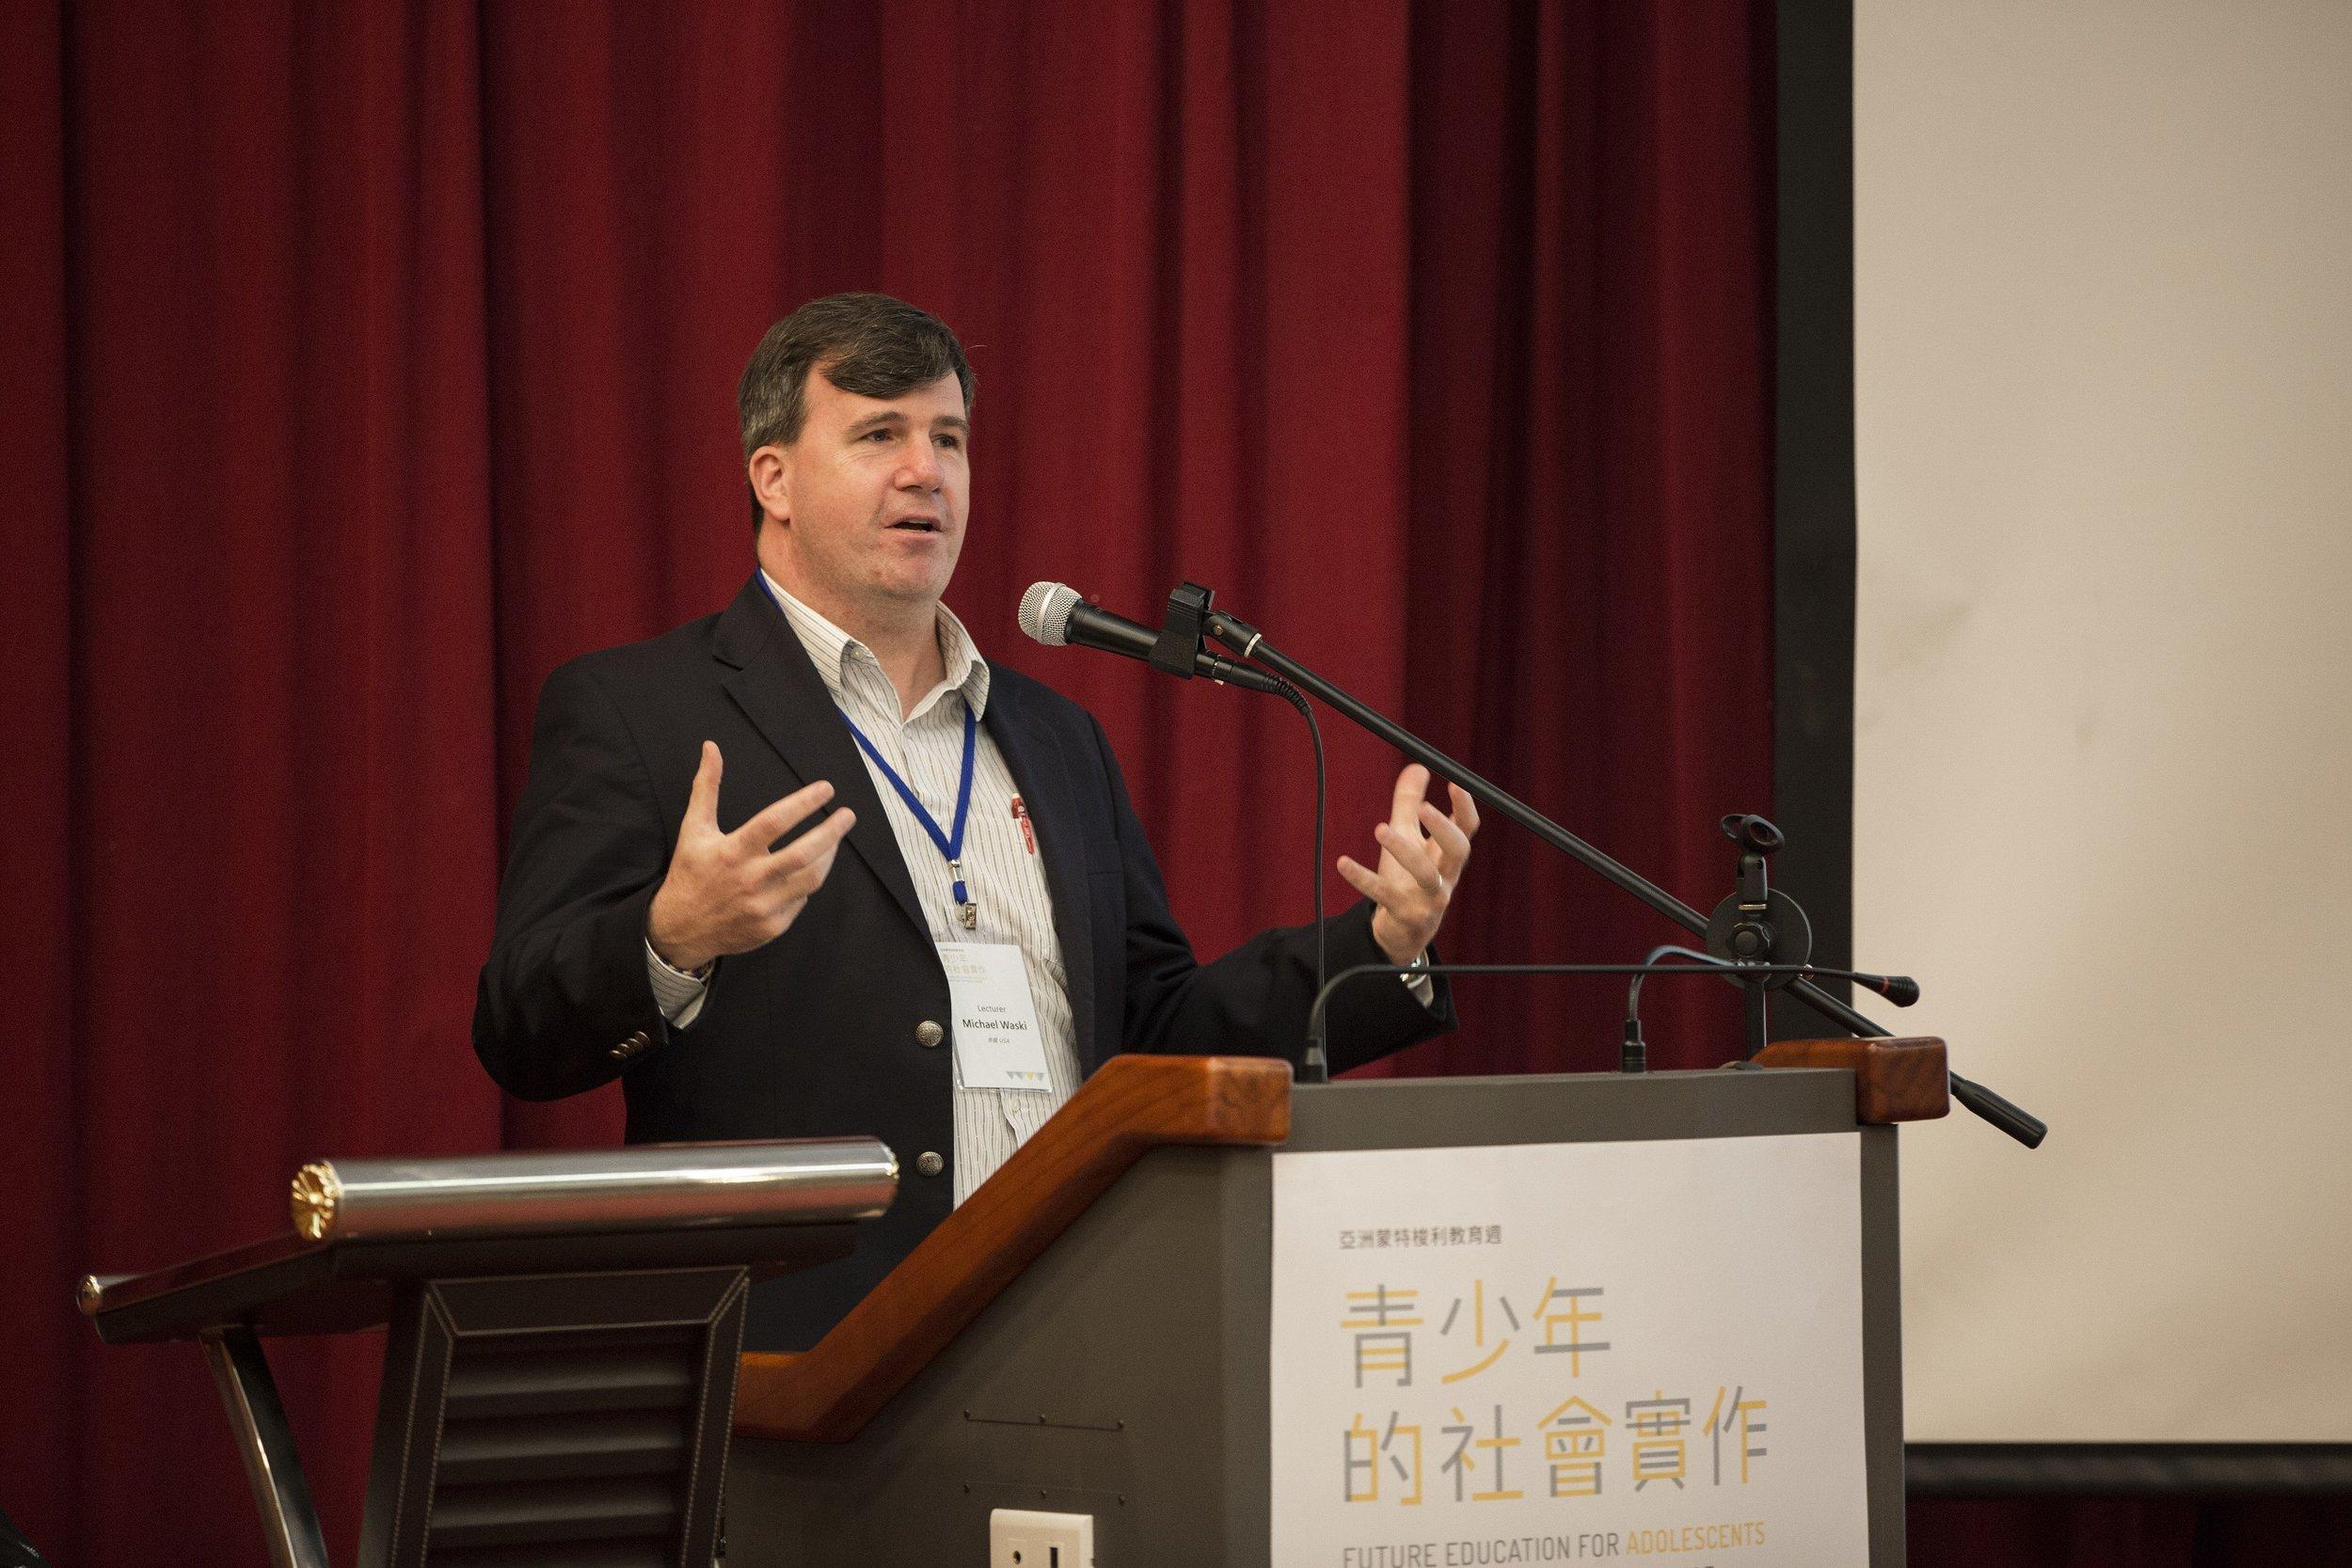 講者Michael Waski.JPG